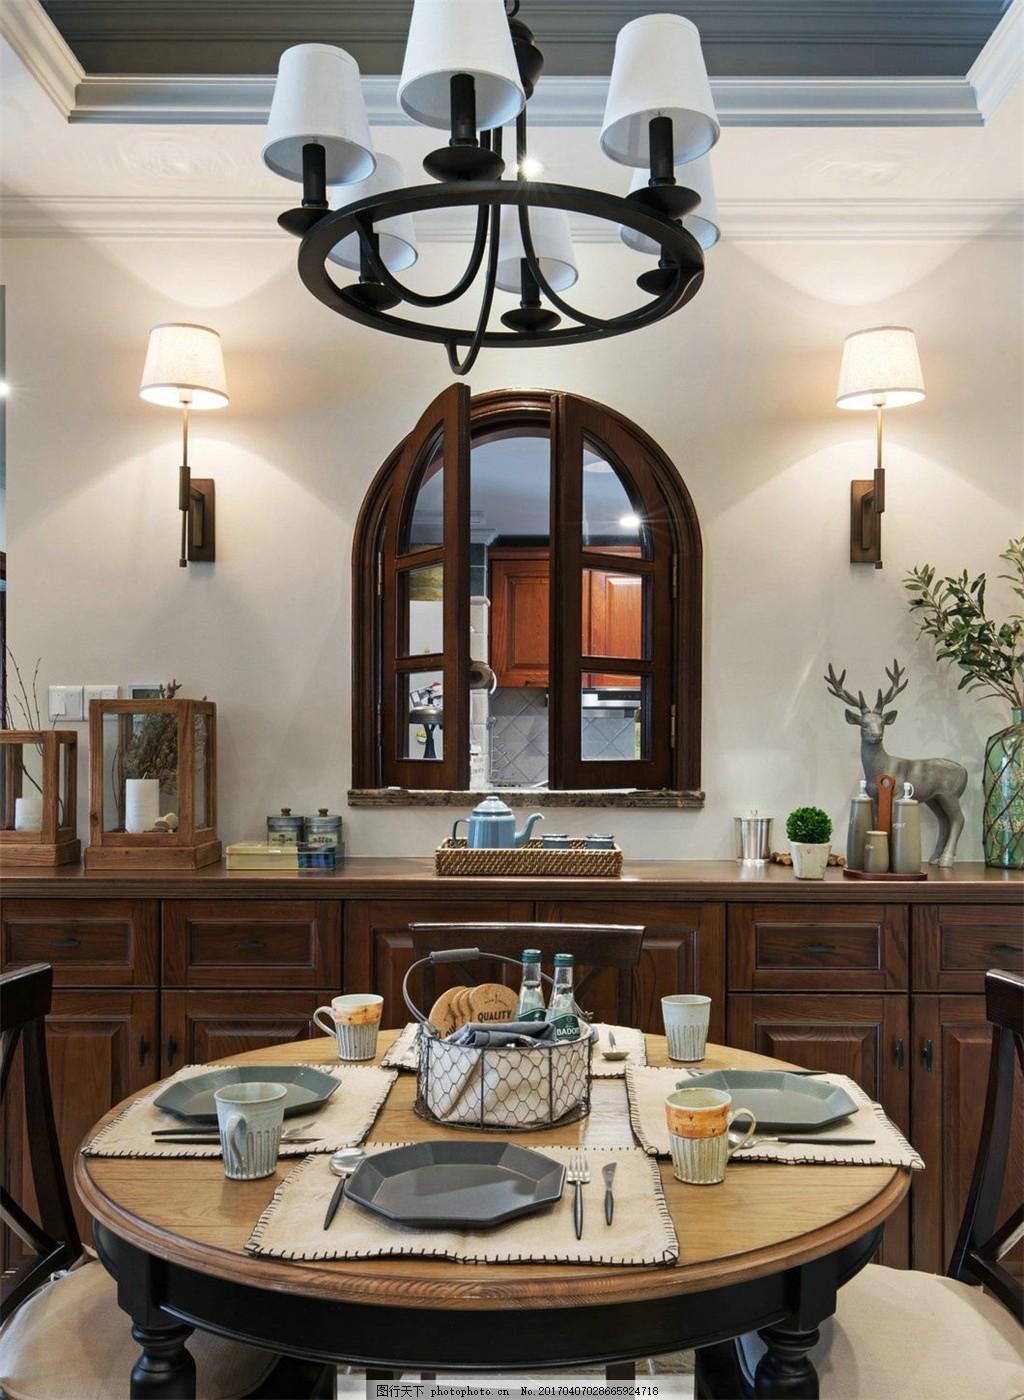 美式复古餐厅设计图 家居 家居生活 室内设计 装修 家具 装修设计图片